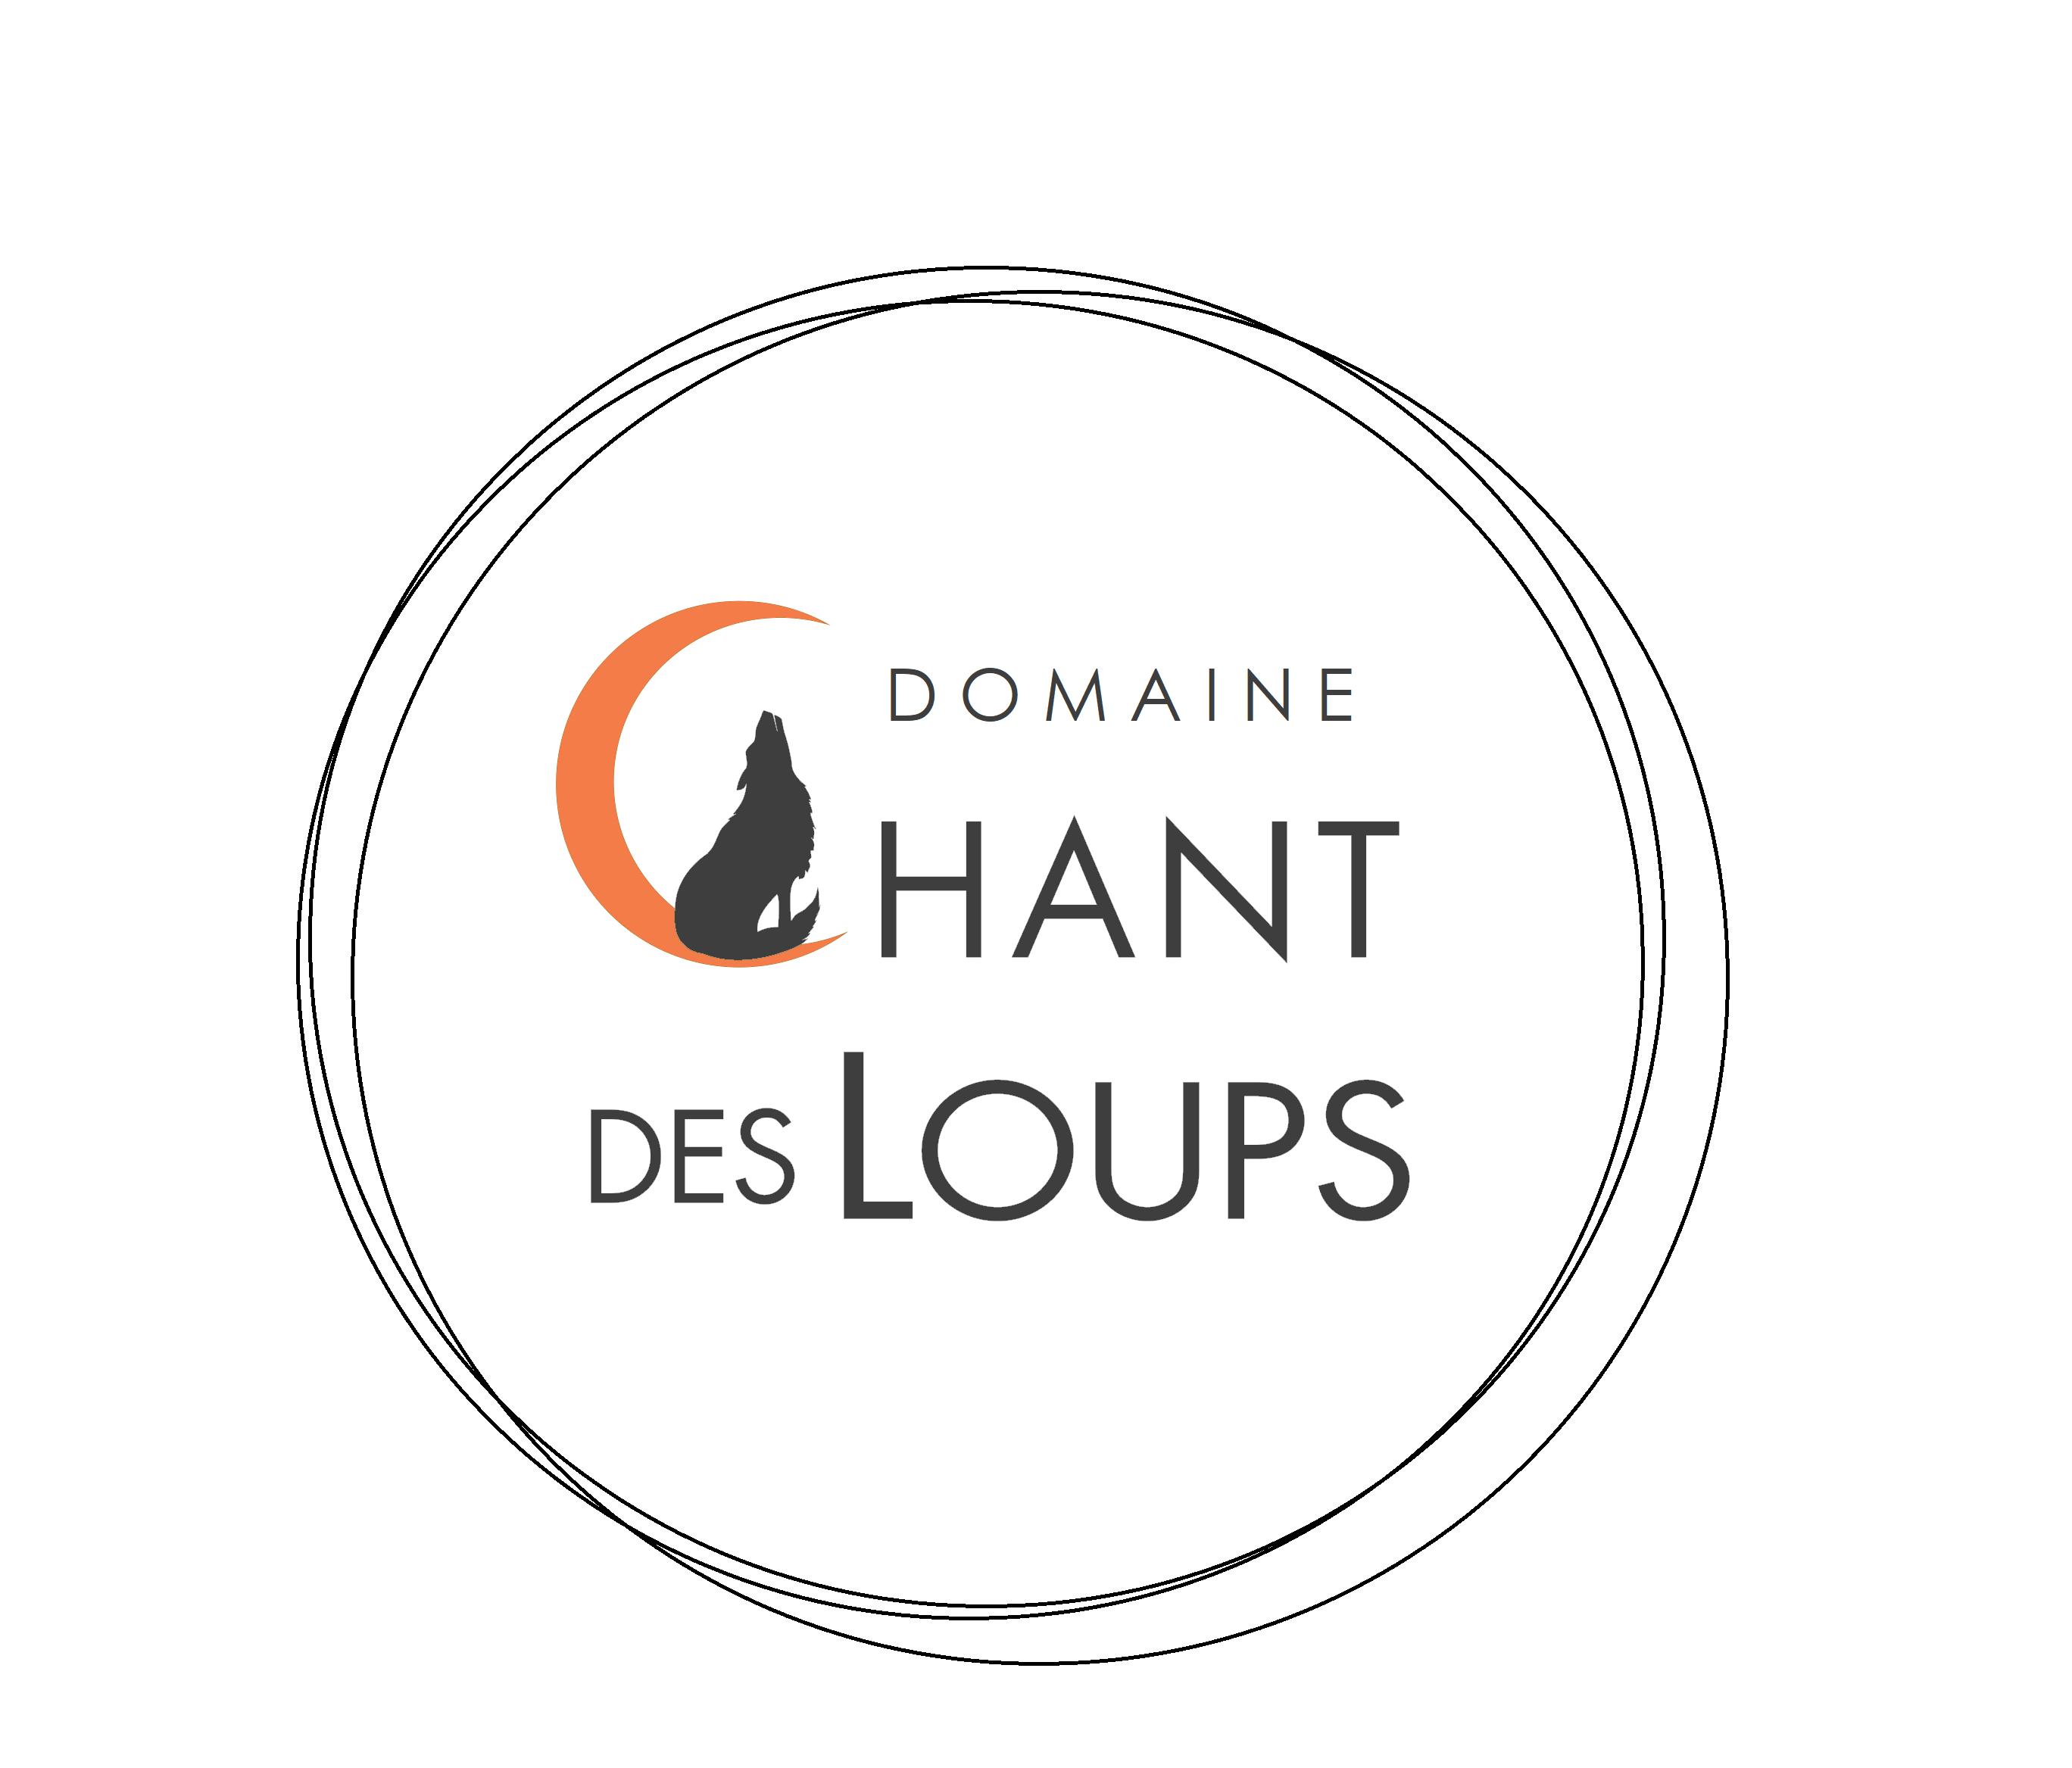 Domaine Chant des Loups